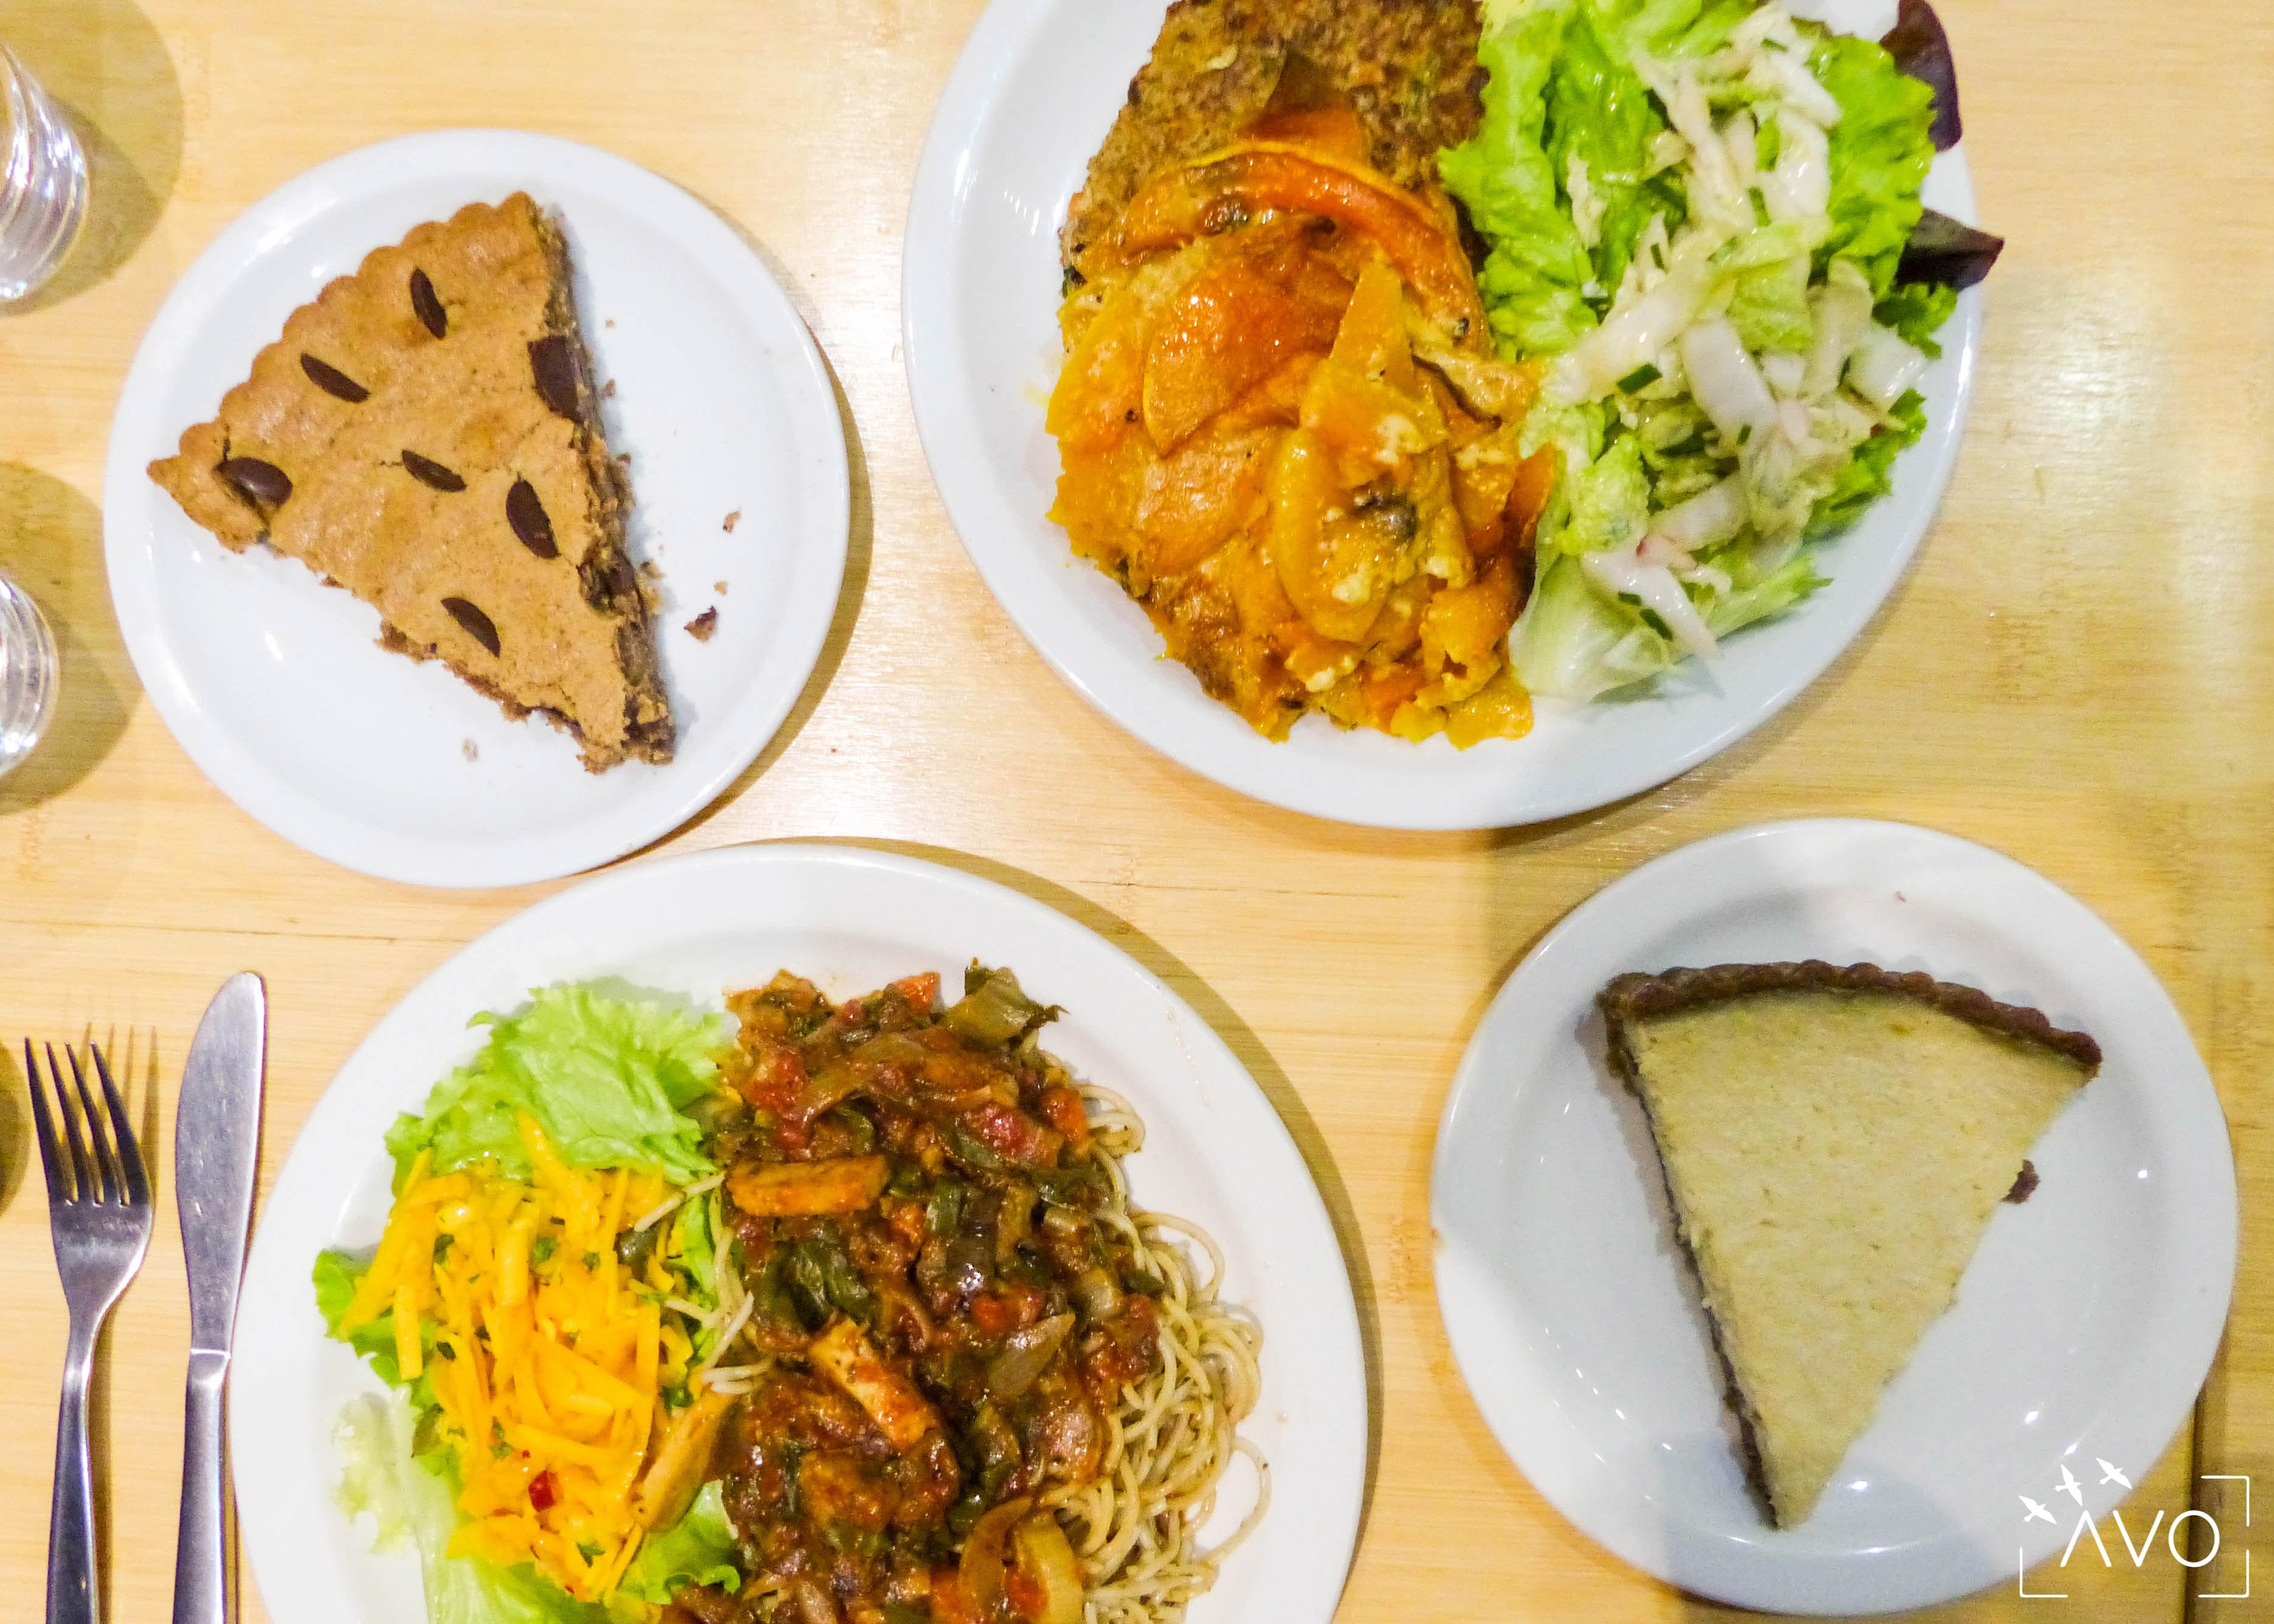 soline restaurant nature progrès fraicheur alimentation saine lyon